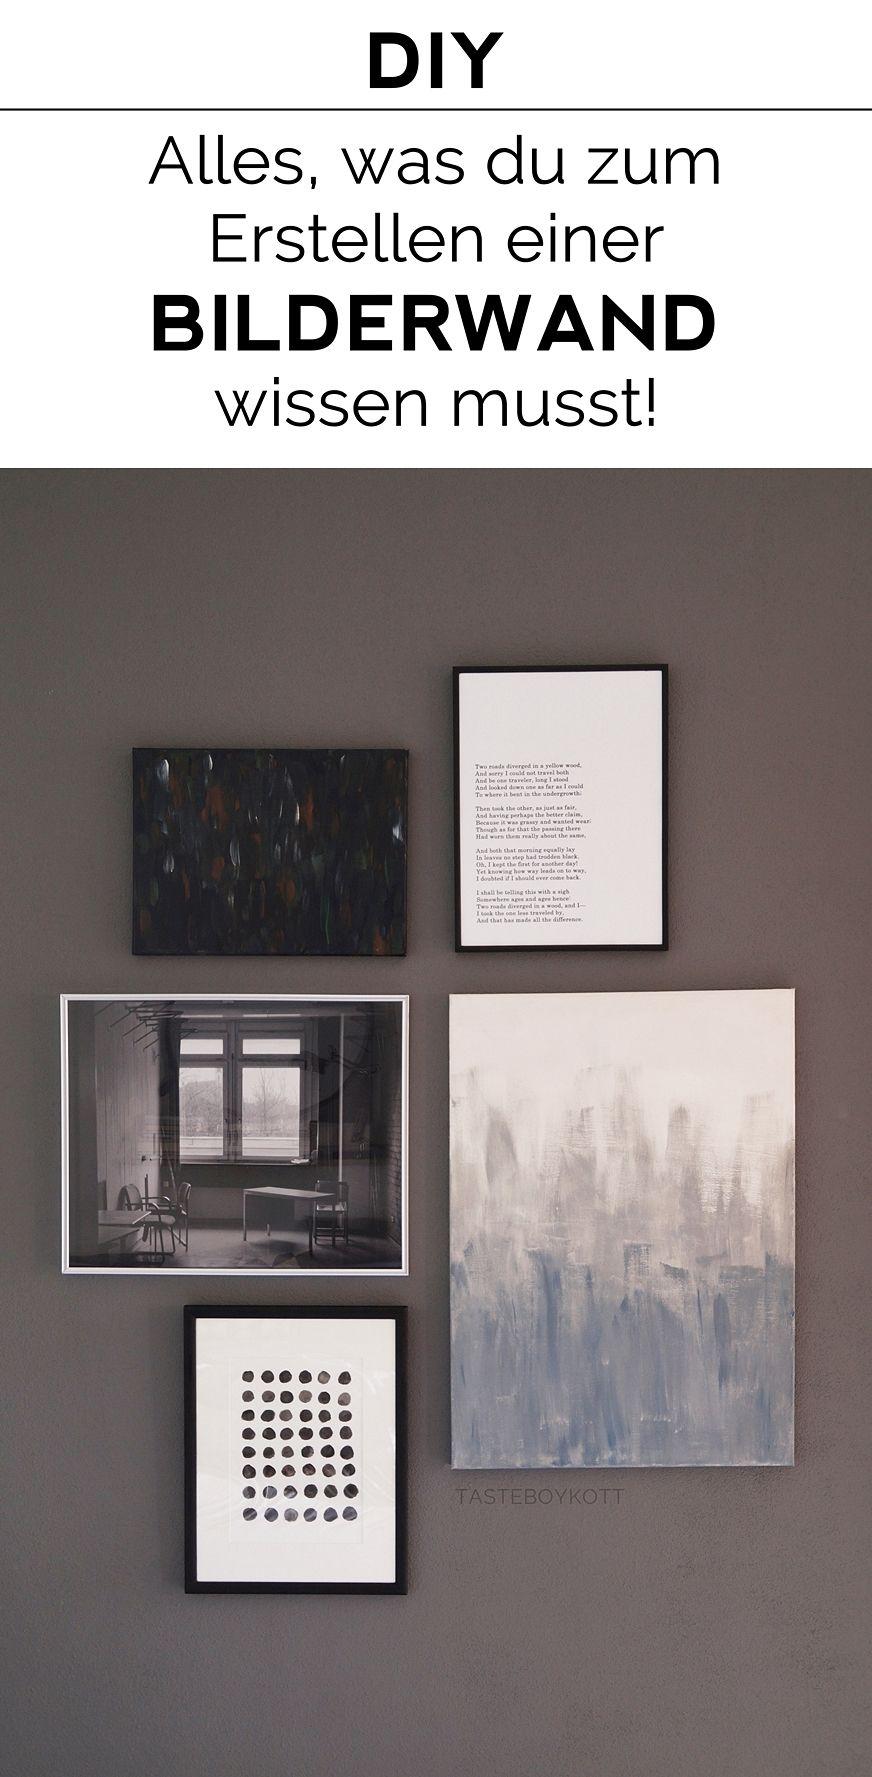 Meine Tipps für eine perfekte Bilderwand & 2 kreative Ideen für Fotoposter mit Pixum #wanddekowohnzimmer